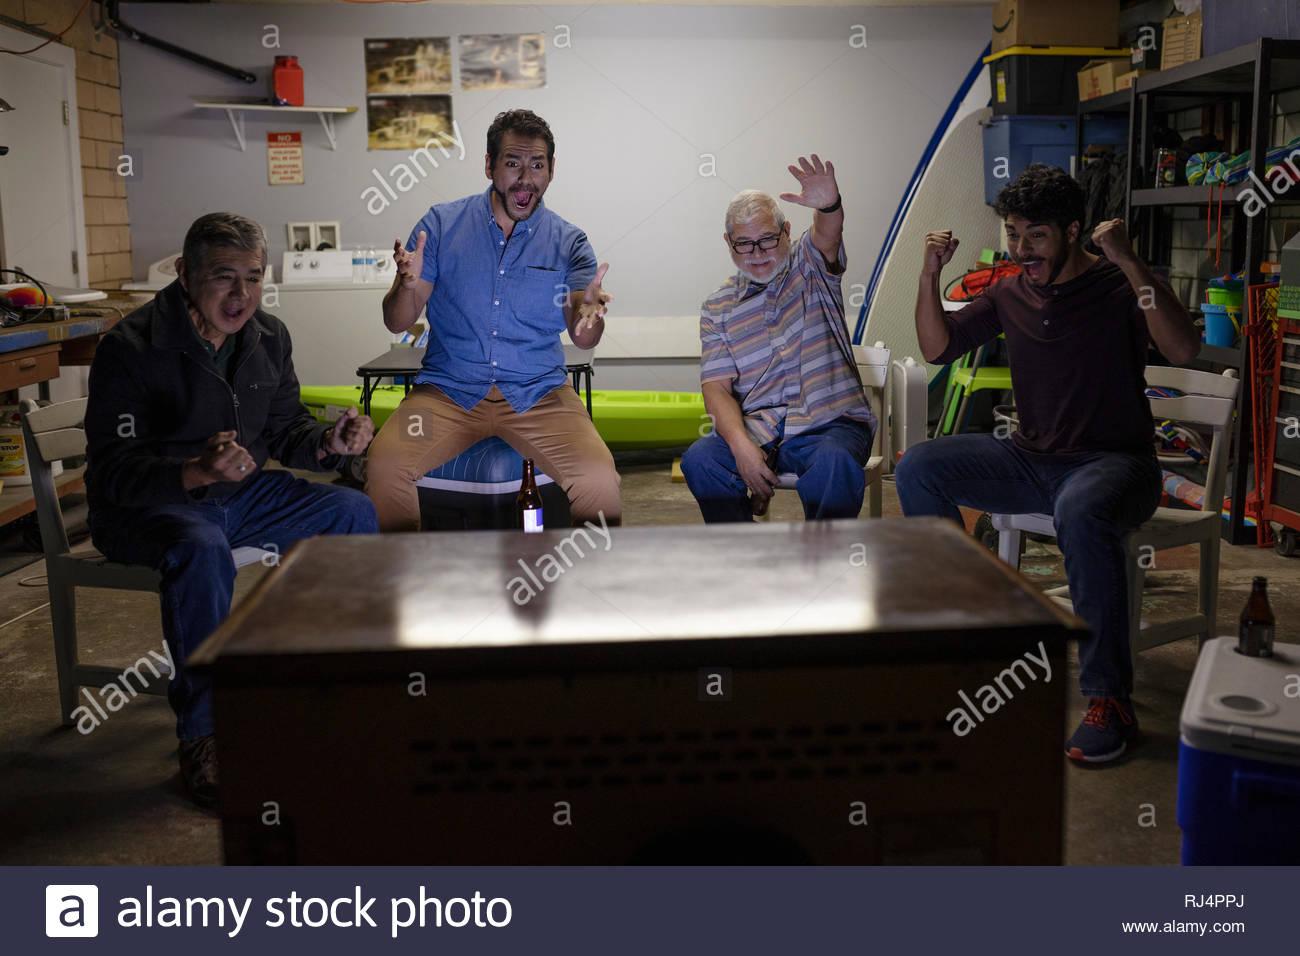 Latinx men watching sports on TV in garage - Stock Image